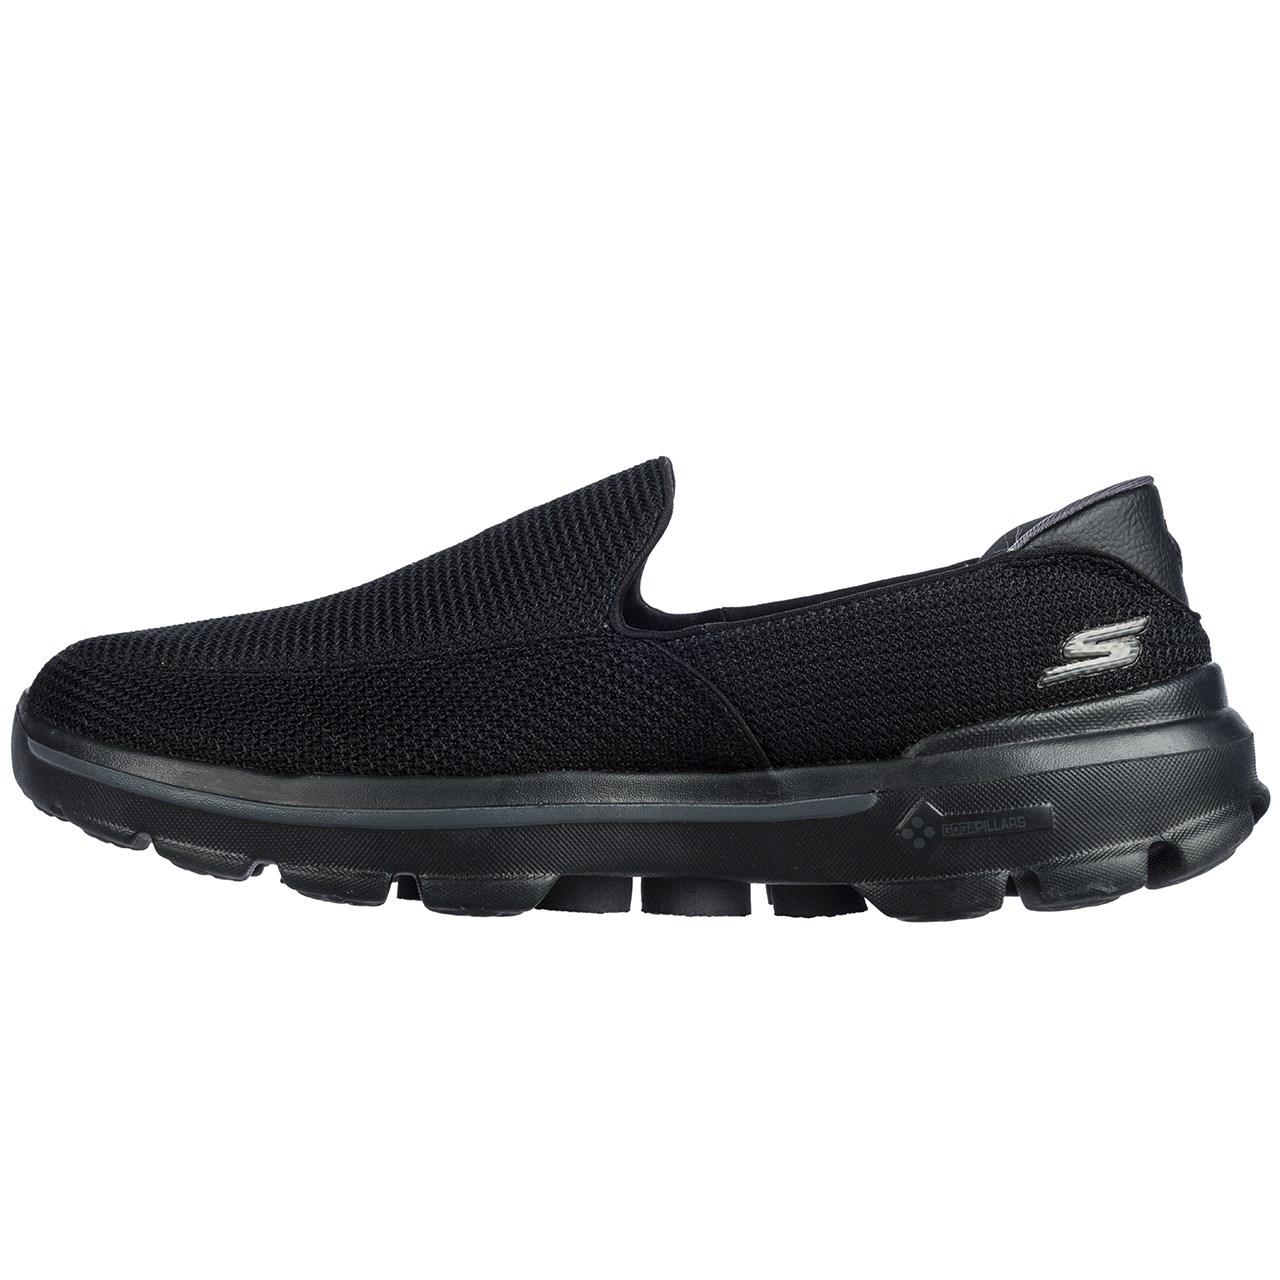 کفش مخصوص پیاده روی مردانه اسکچرز مدل Go Walk 3